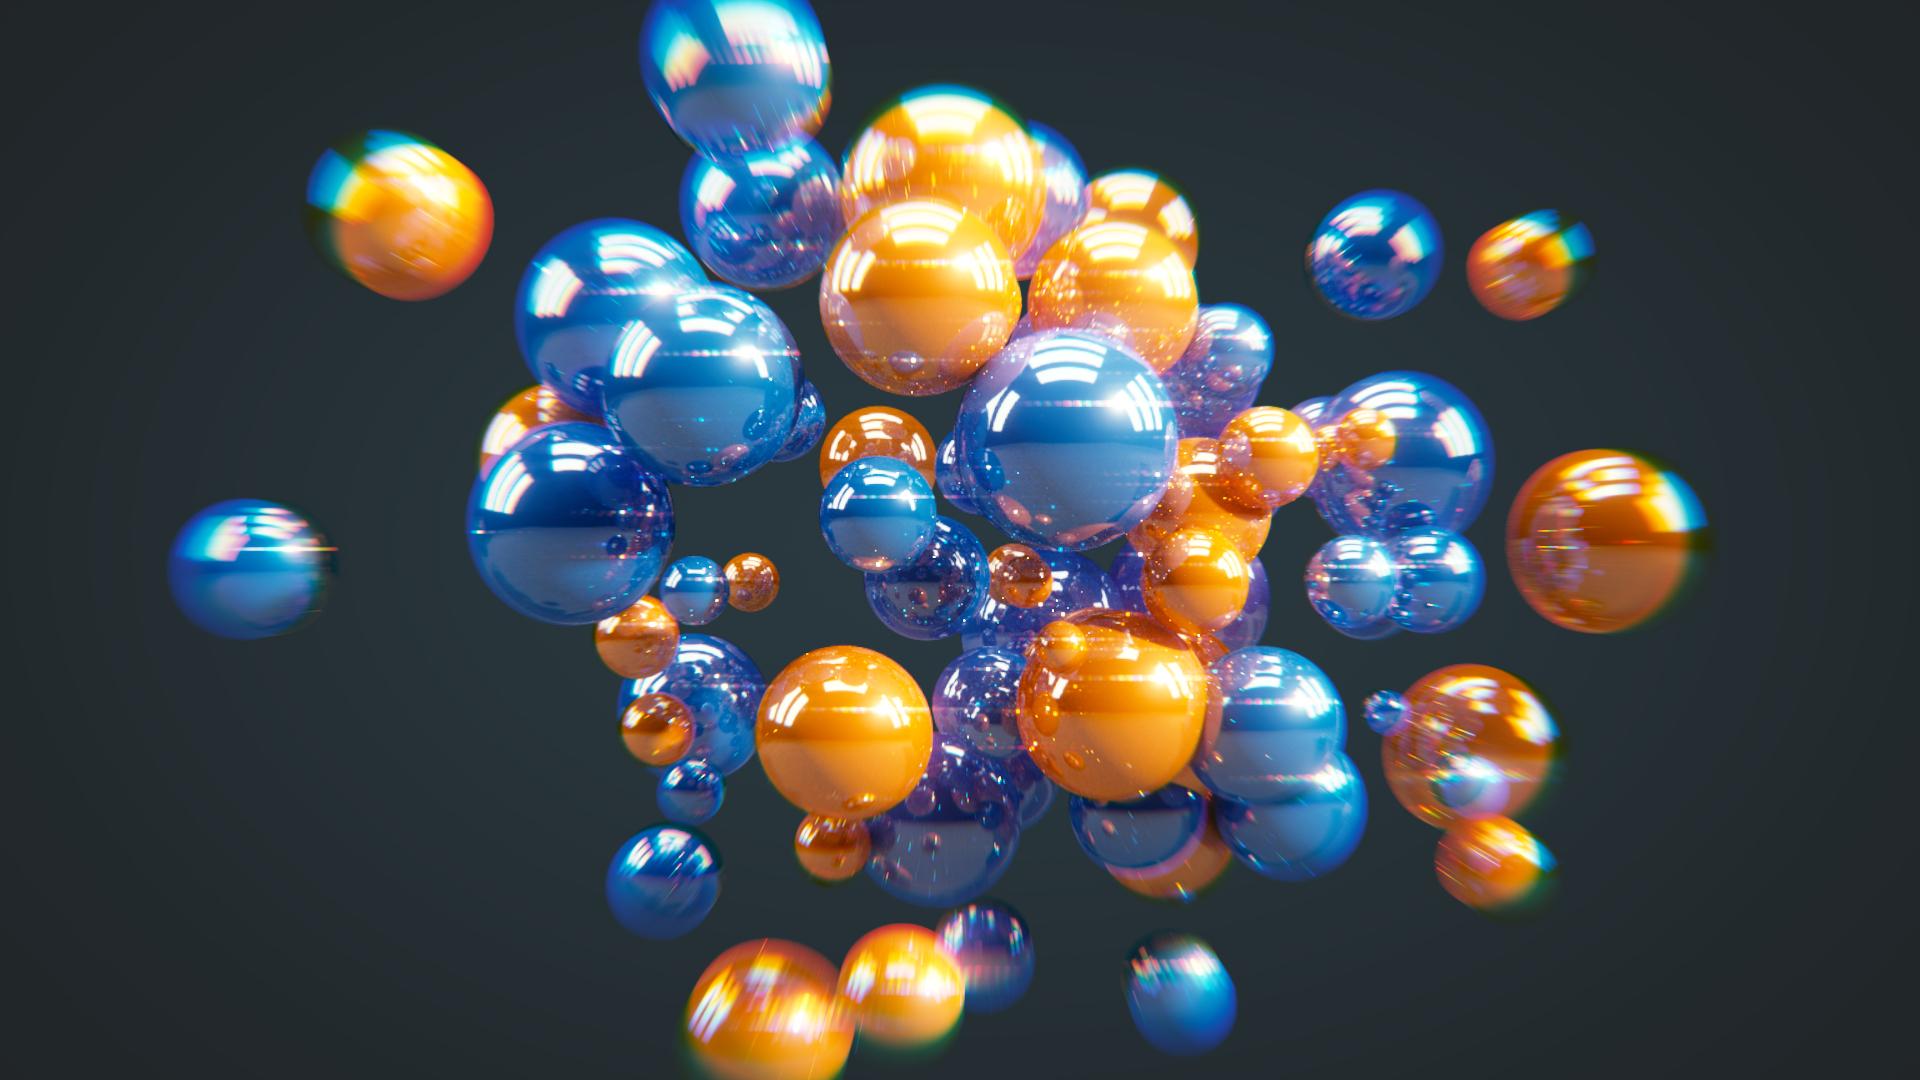 球, 蓬莱, 3stán, 信息图表, 蓝色, 橙色 - 高清壁纸 - 教授-falken.com